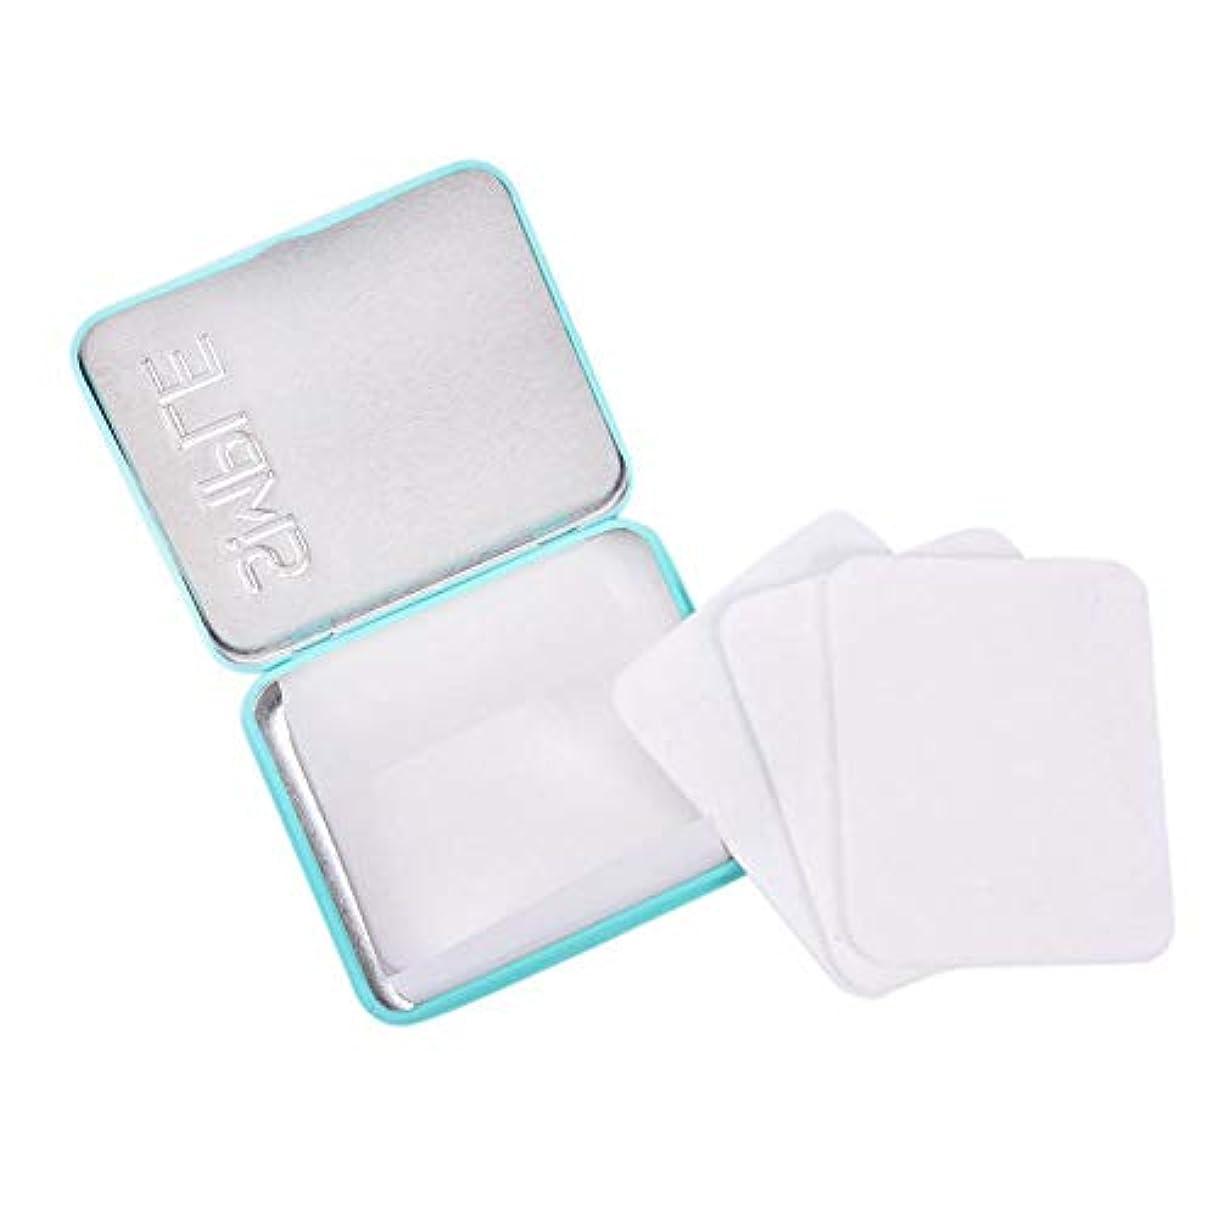 心理的ミルお洗える化粧除去パッド 10個入りソフトクリーニングコットンラウンド化粧品洗顔料クリーニングコットンパッド 化粧道具